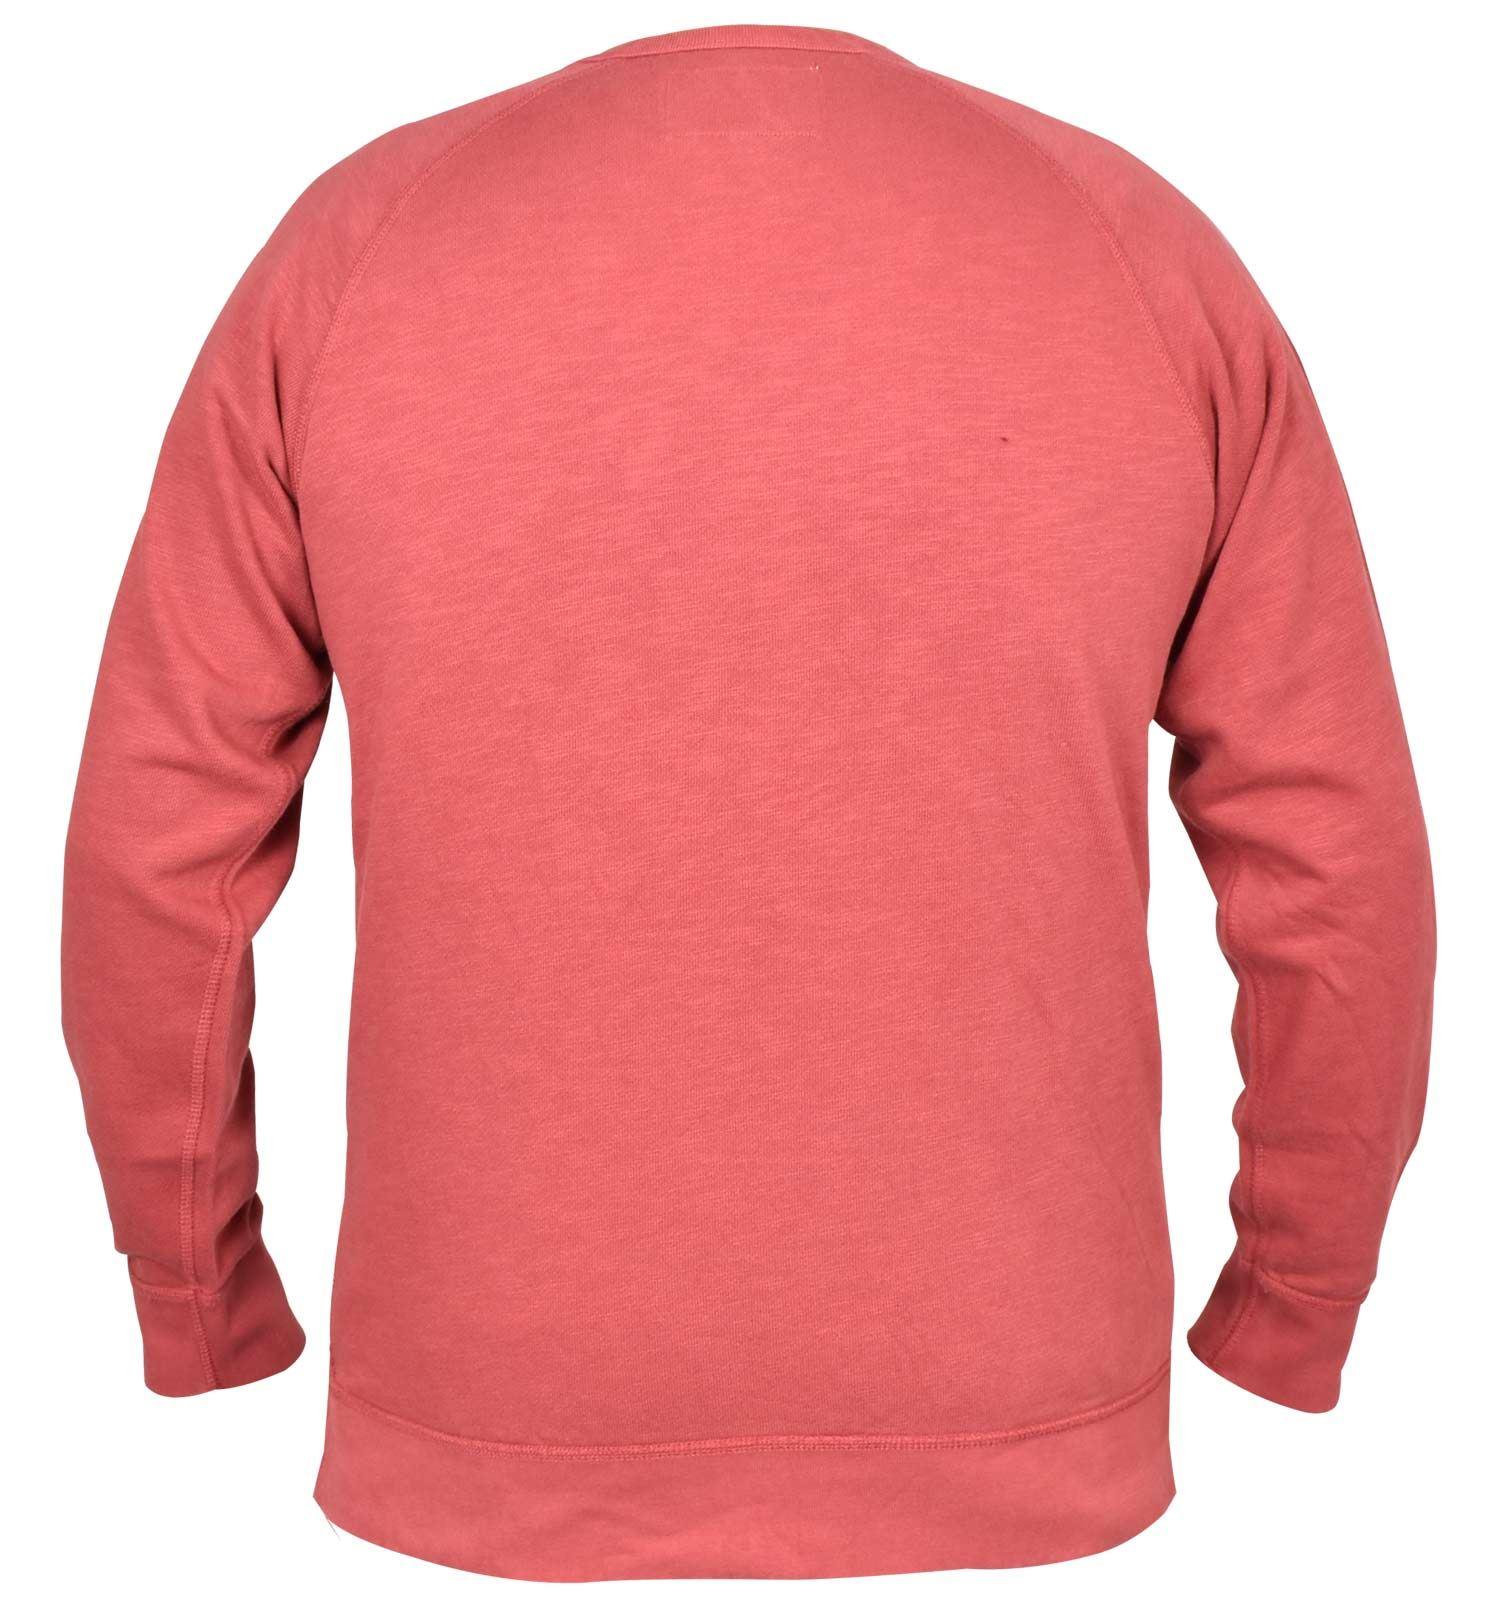 Homme Sweats à encolure ras-du-cou Casual Pull à manches longues Cool Regular Top